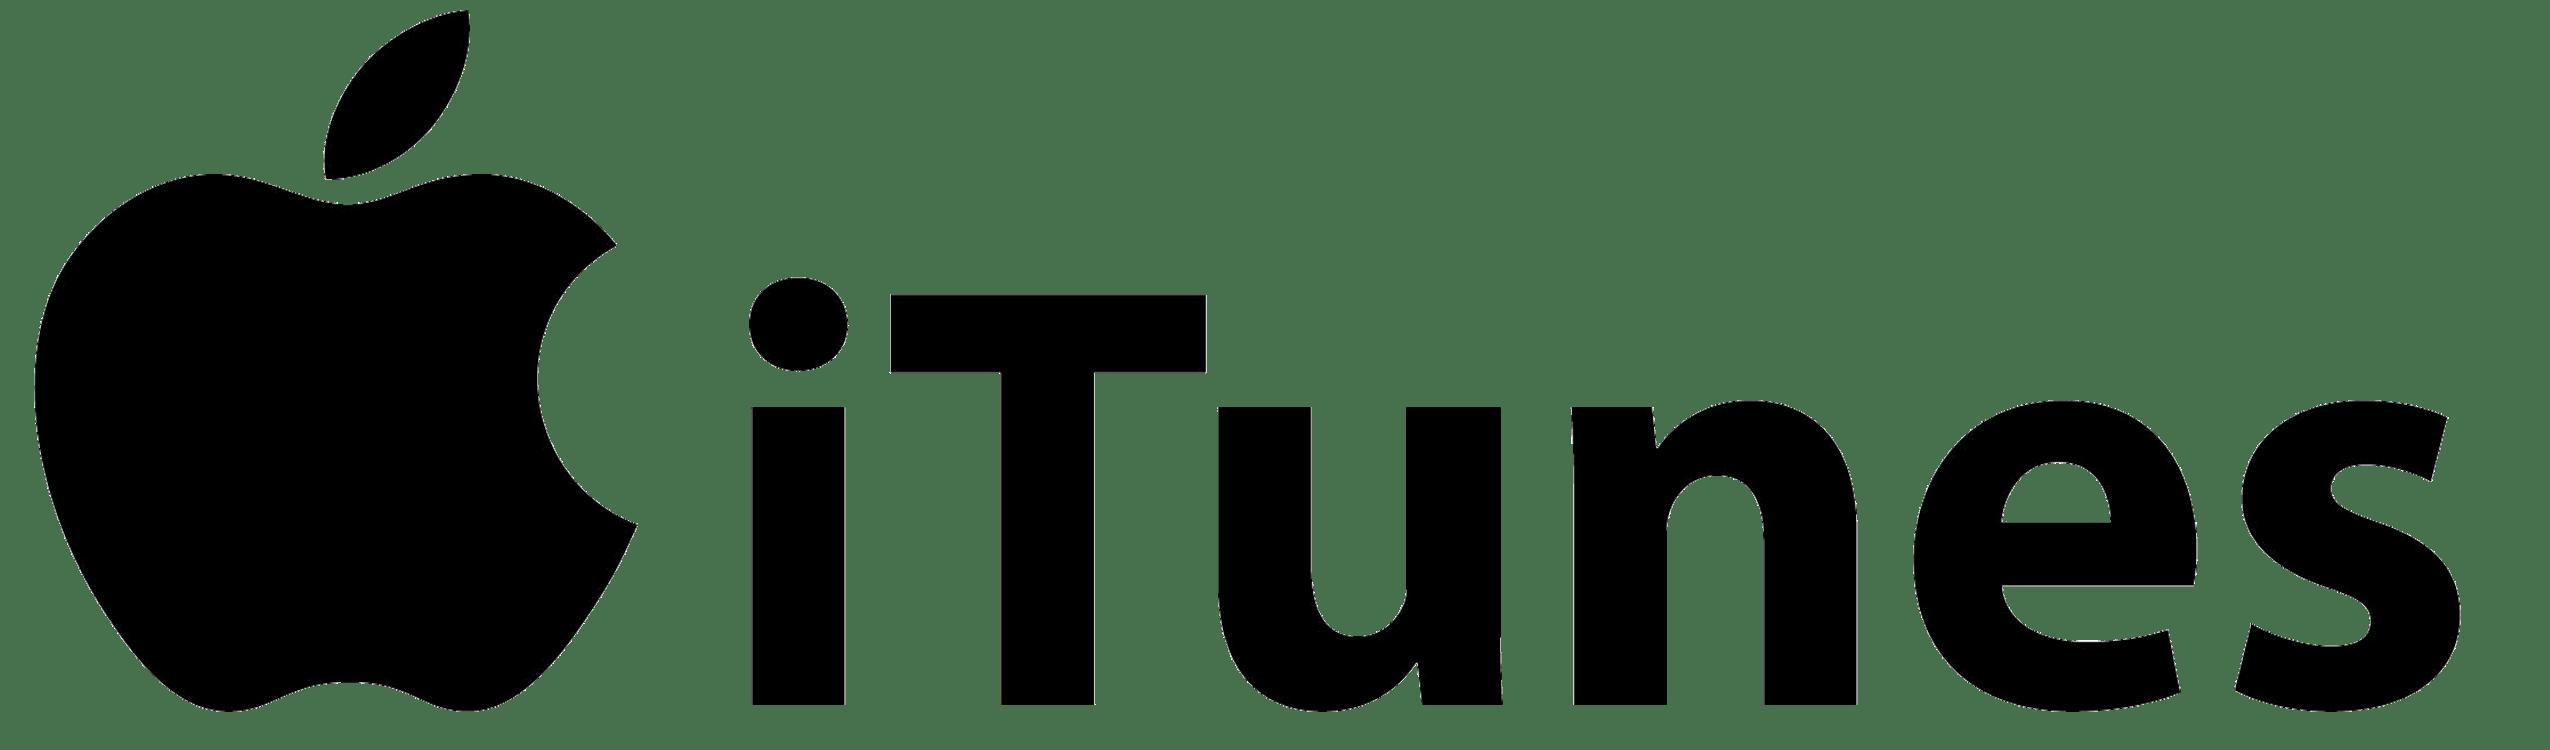 Télécharger photo itunes logo transparent background png